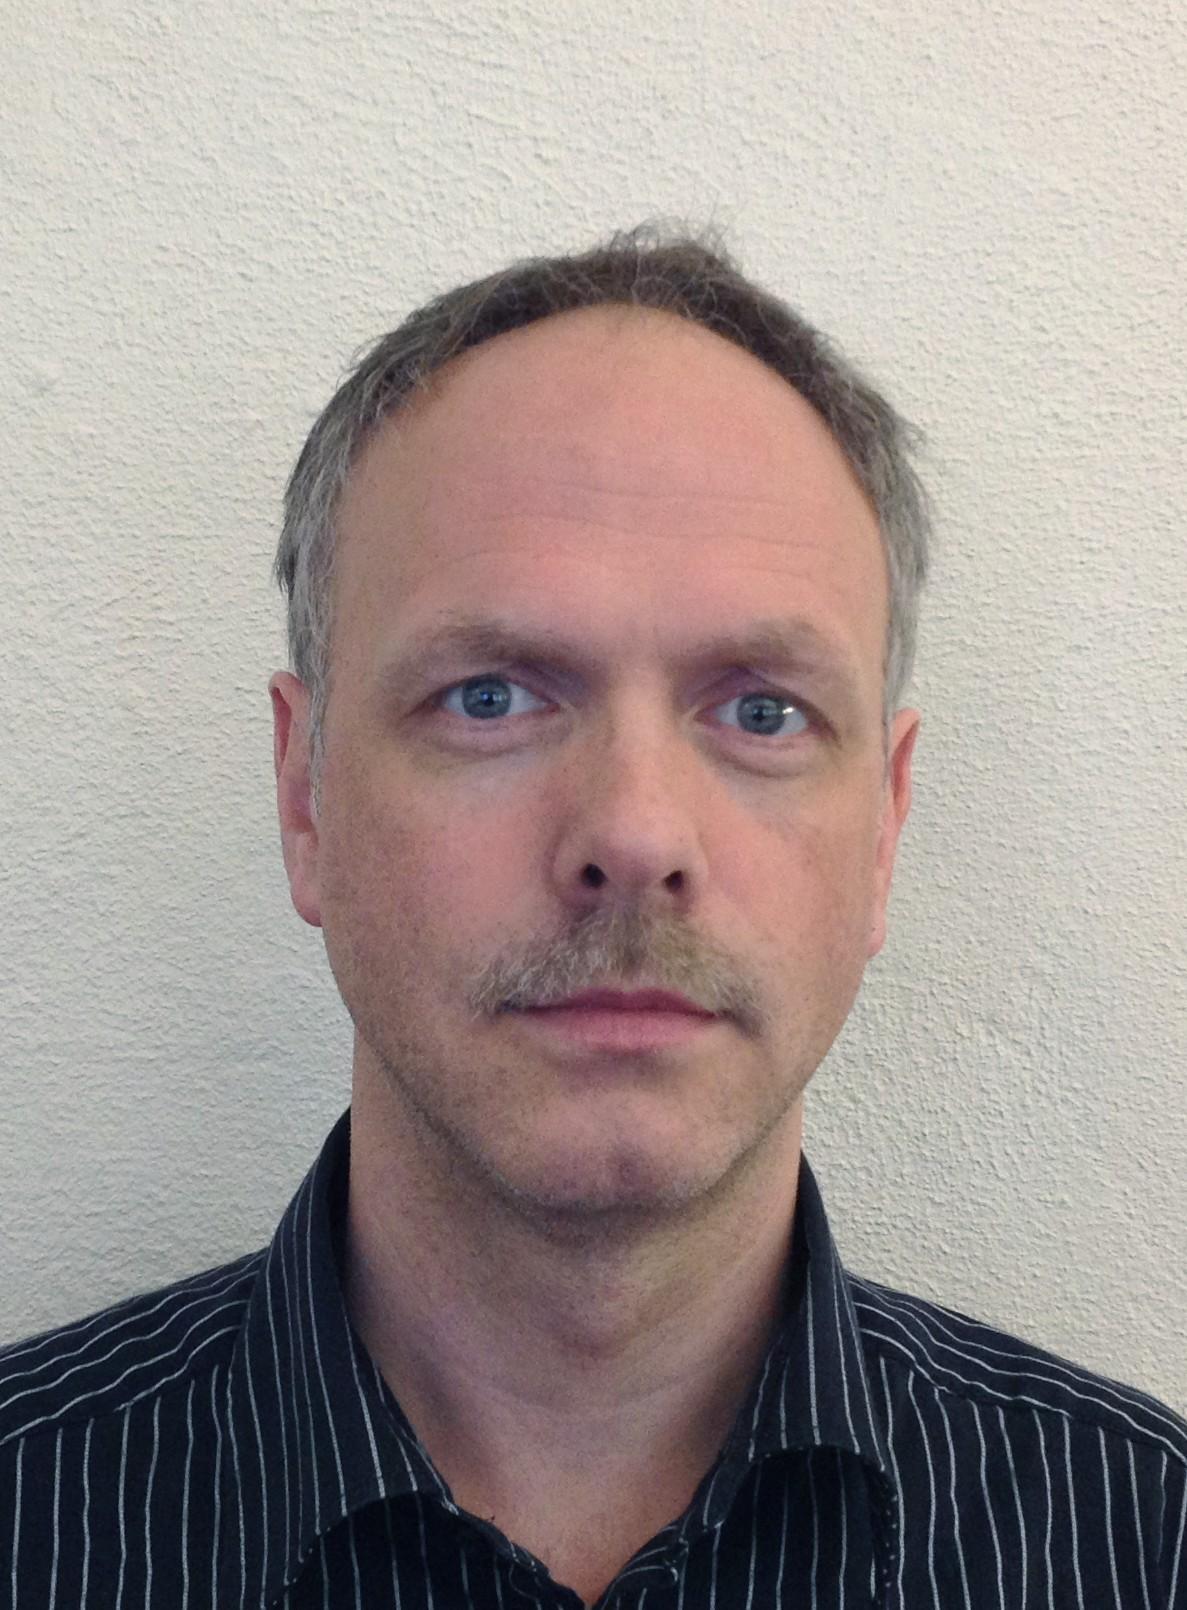 Atle Jan Westrheim